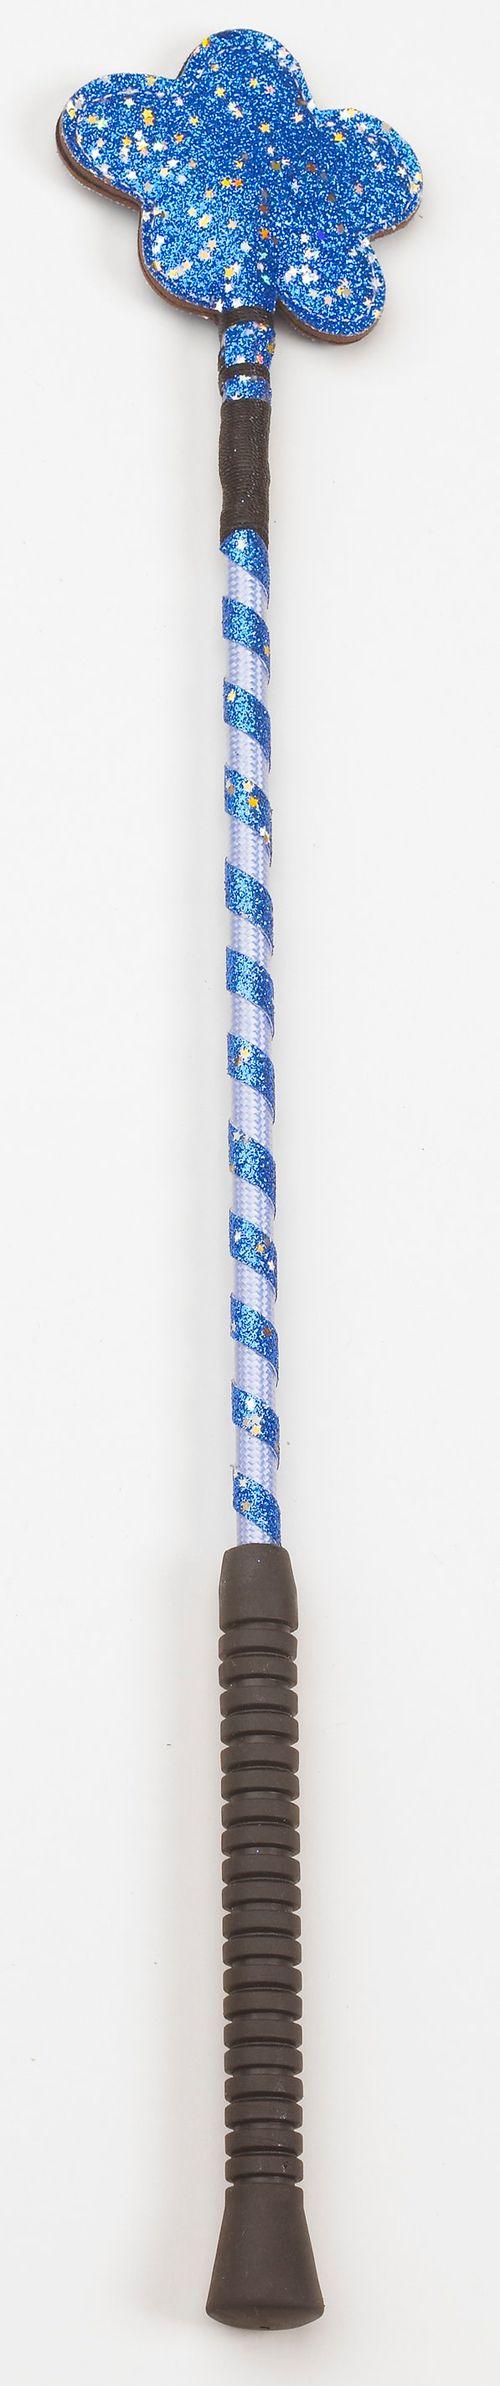 Equistar Glitter Flower Crop - Blue